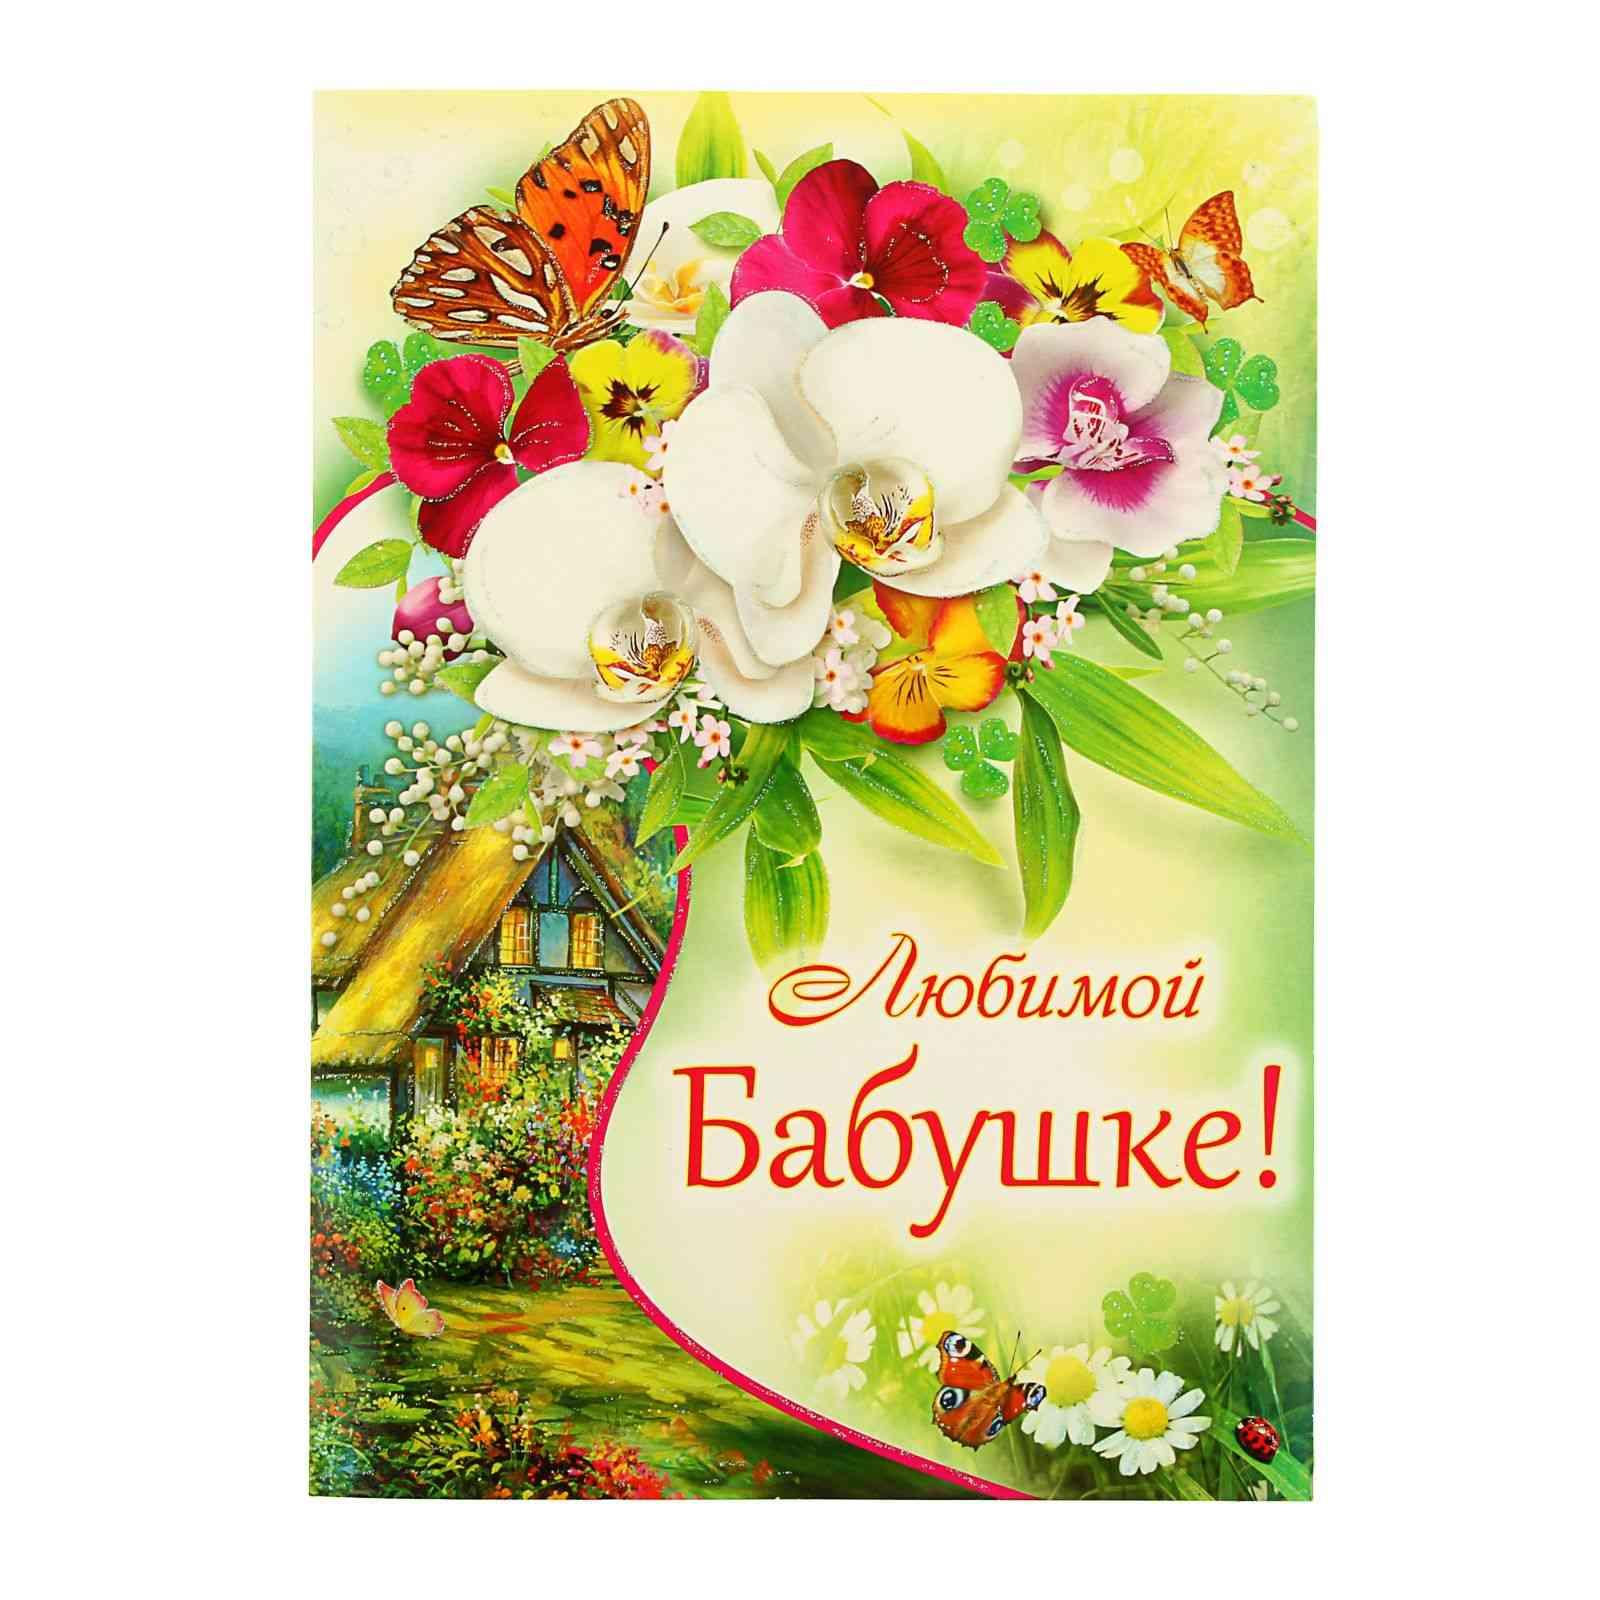 Картинка тебя, открытки с днем рождения для любимой бабушке